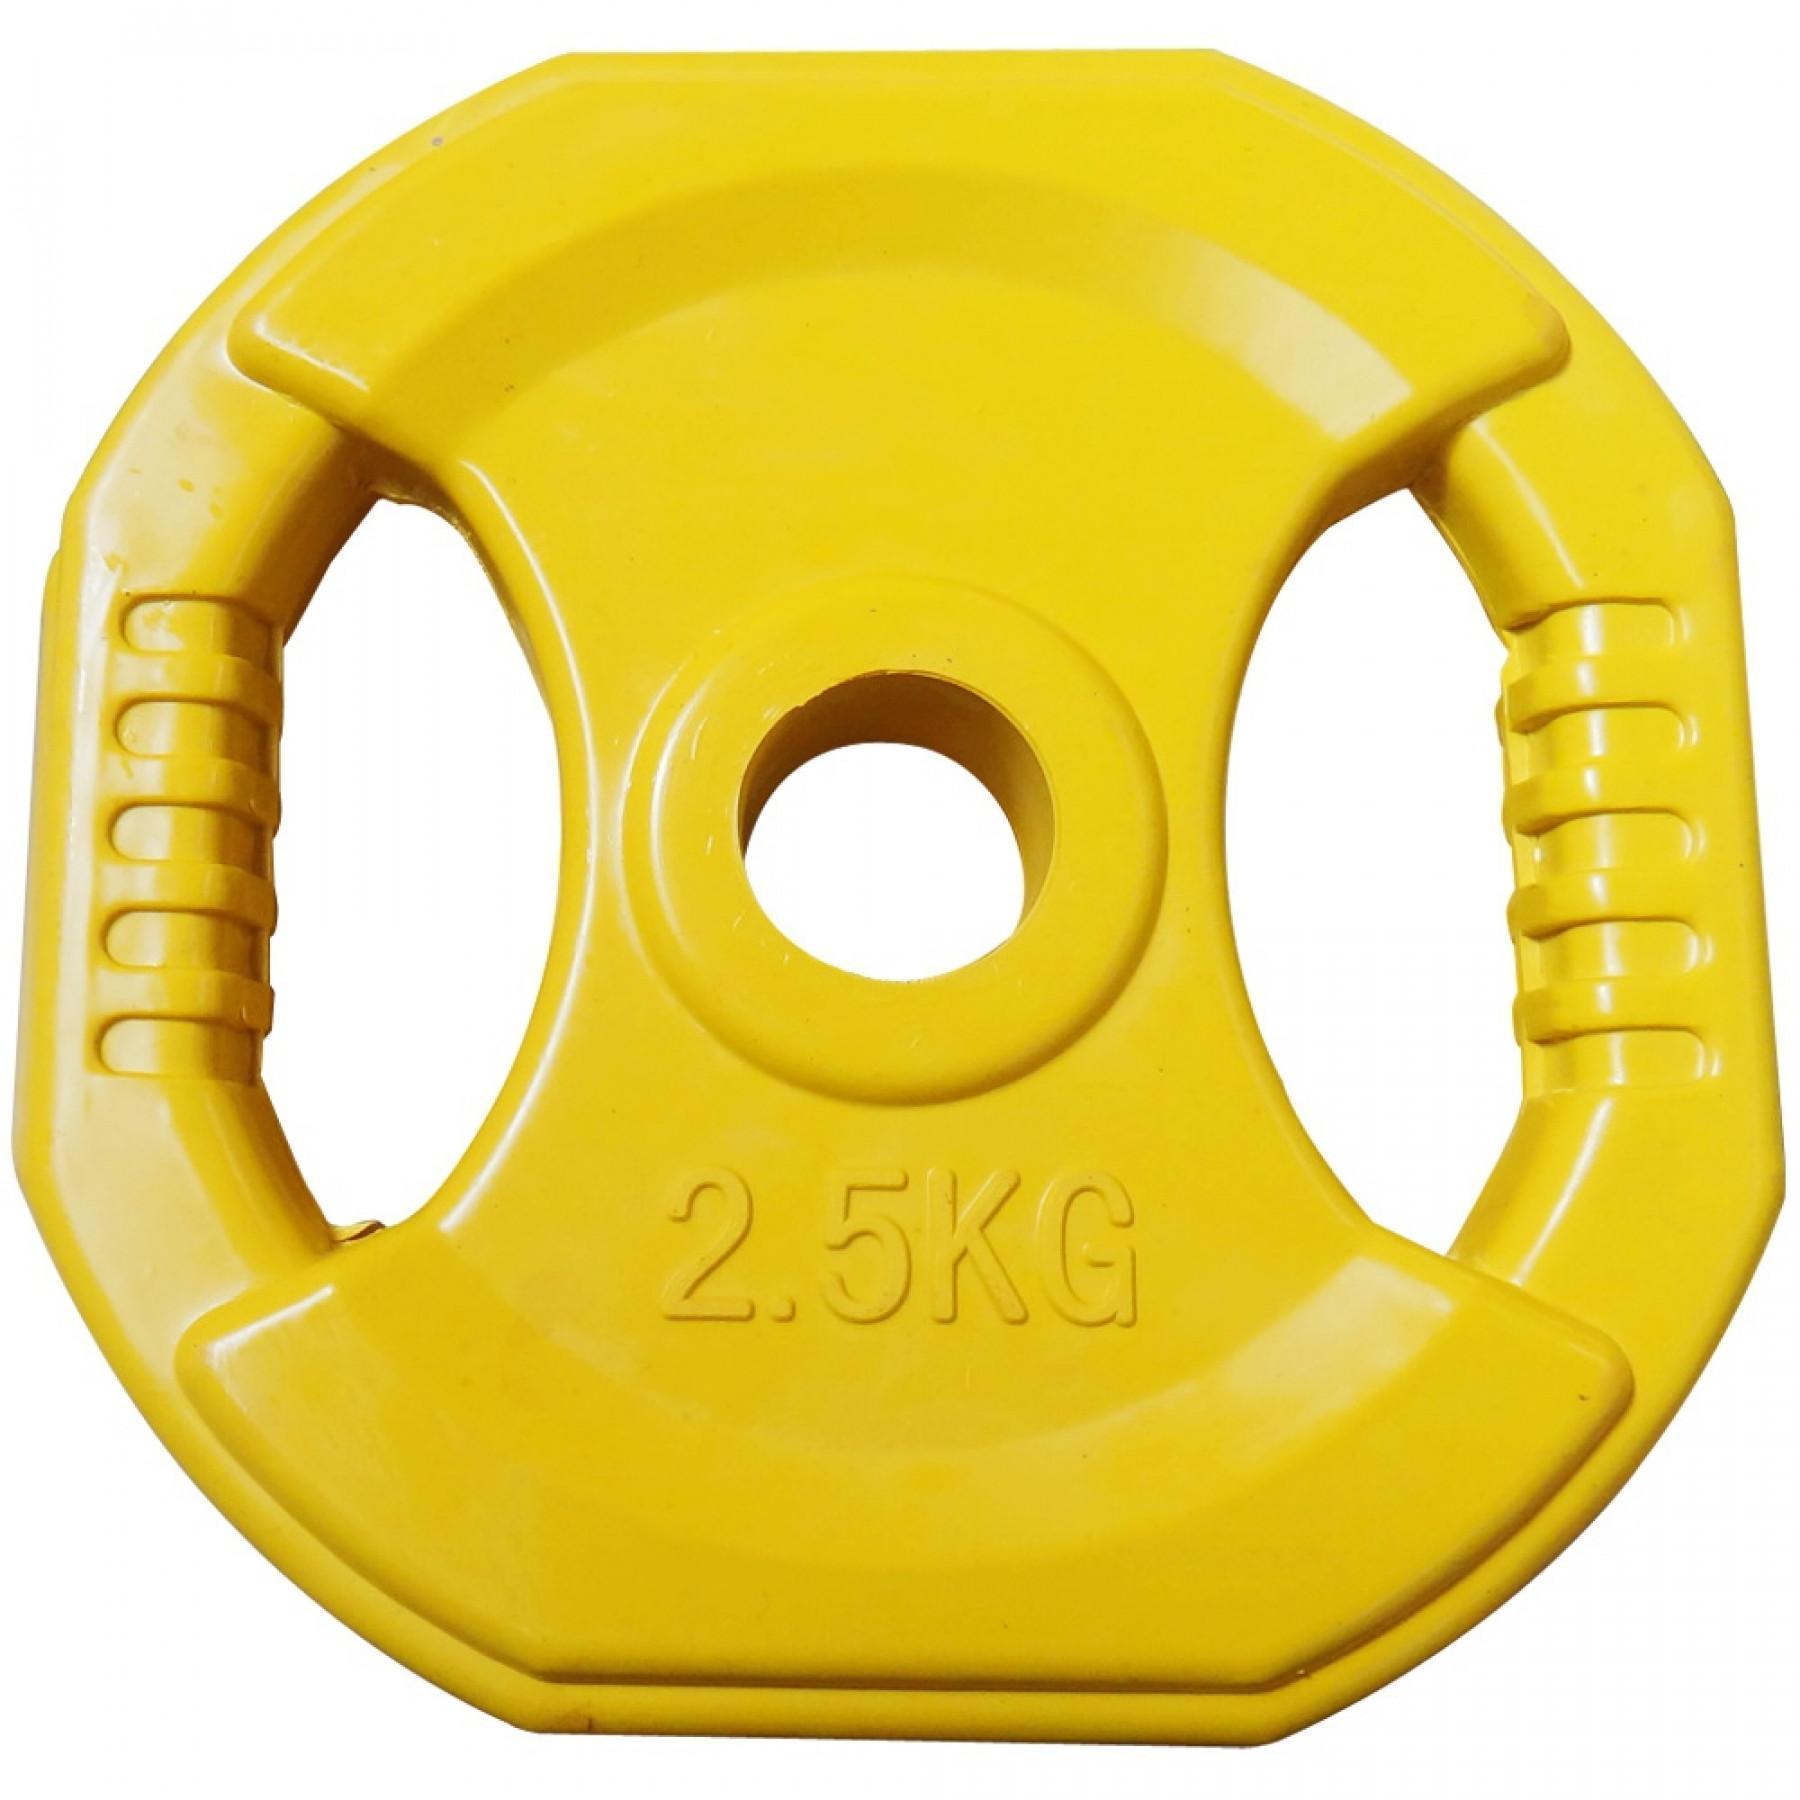 Disc pump Leader Fit 2,5kg